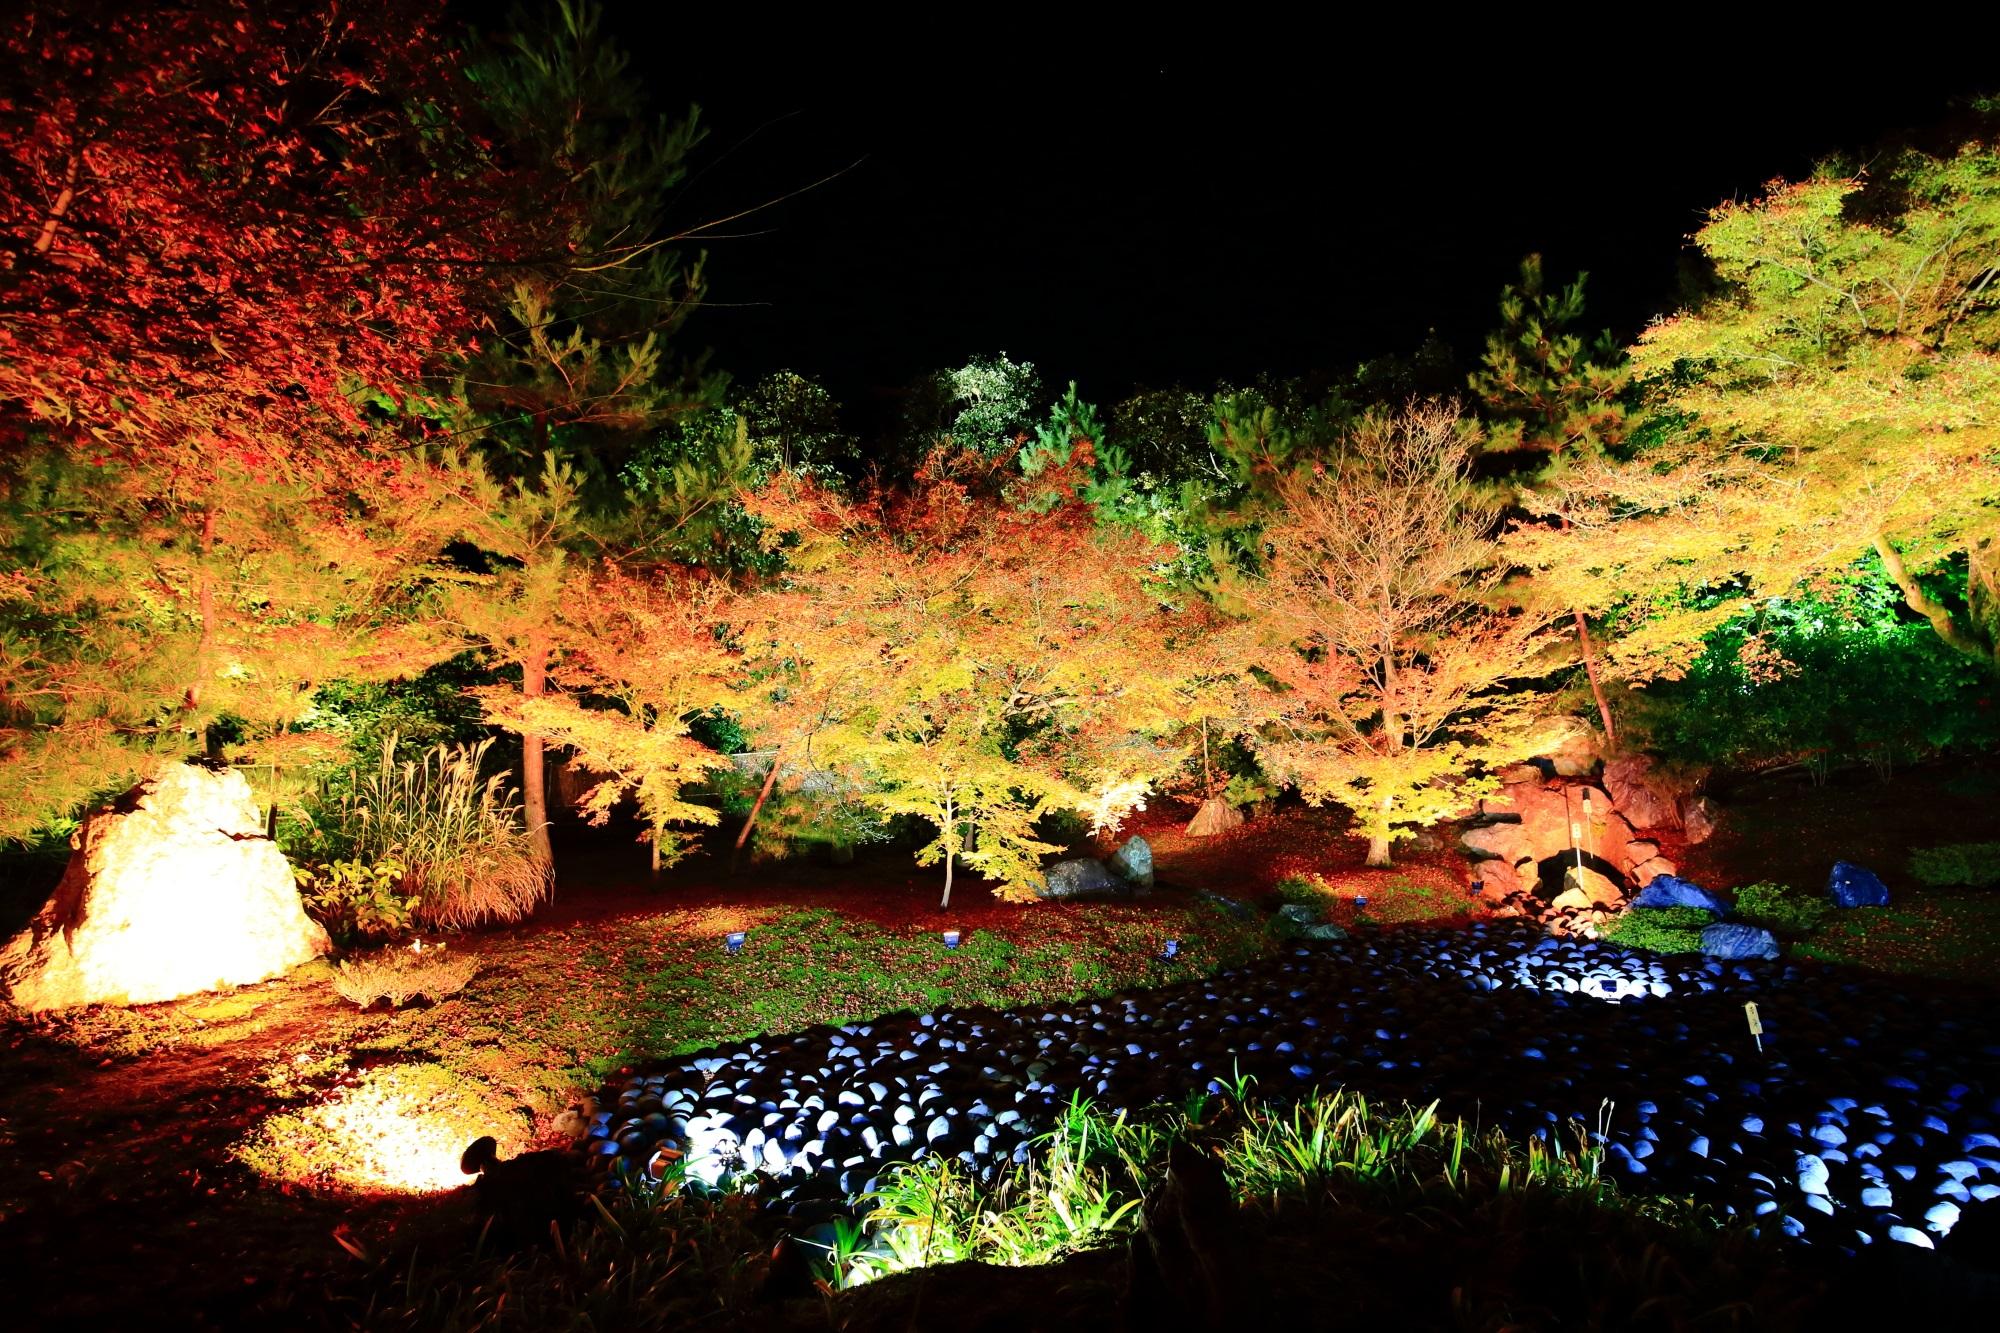 紅葉名所の嵐山の宝厳院の苦海の紅葉ライトアップ